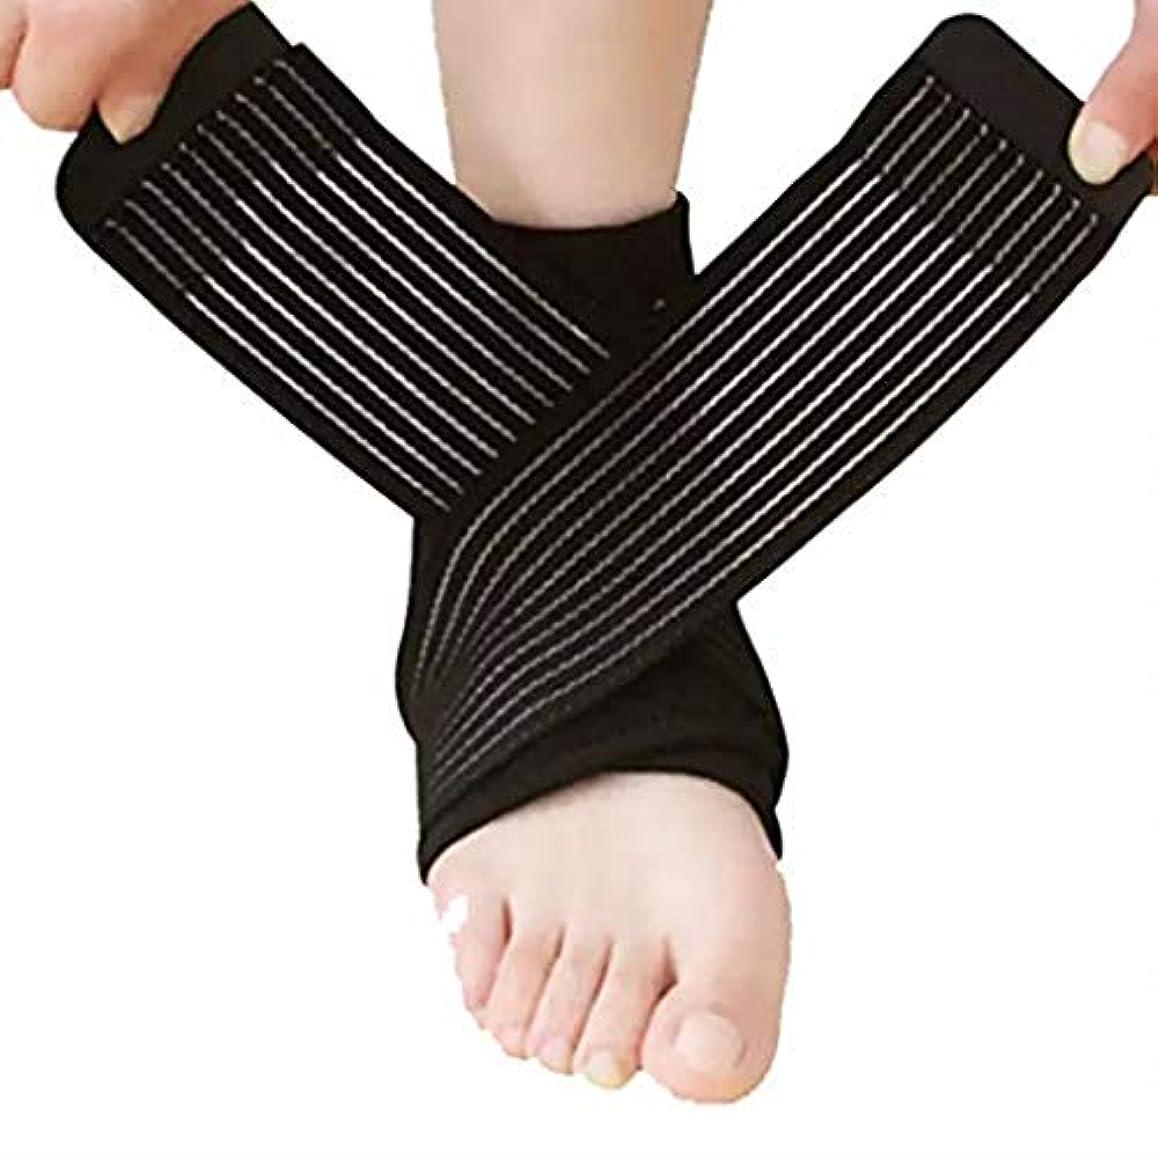 誓約アーティキュレーション固有の足首サポート調節可能な足首ブレース通気性のあるナイロン素材伸縮性があり快適な1サイズスポーツに最適慢性的な足首の捻Sp疲労からの保護